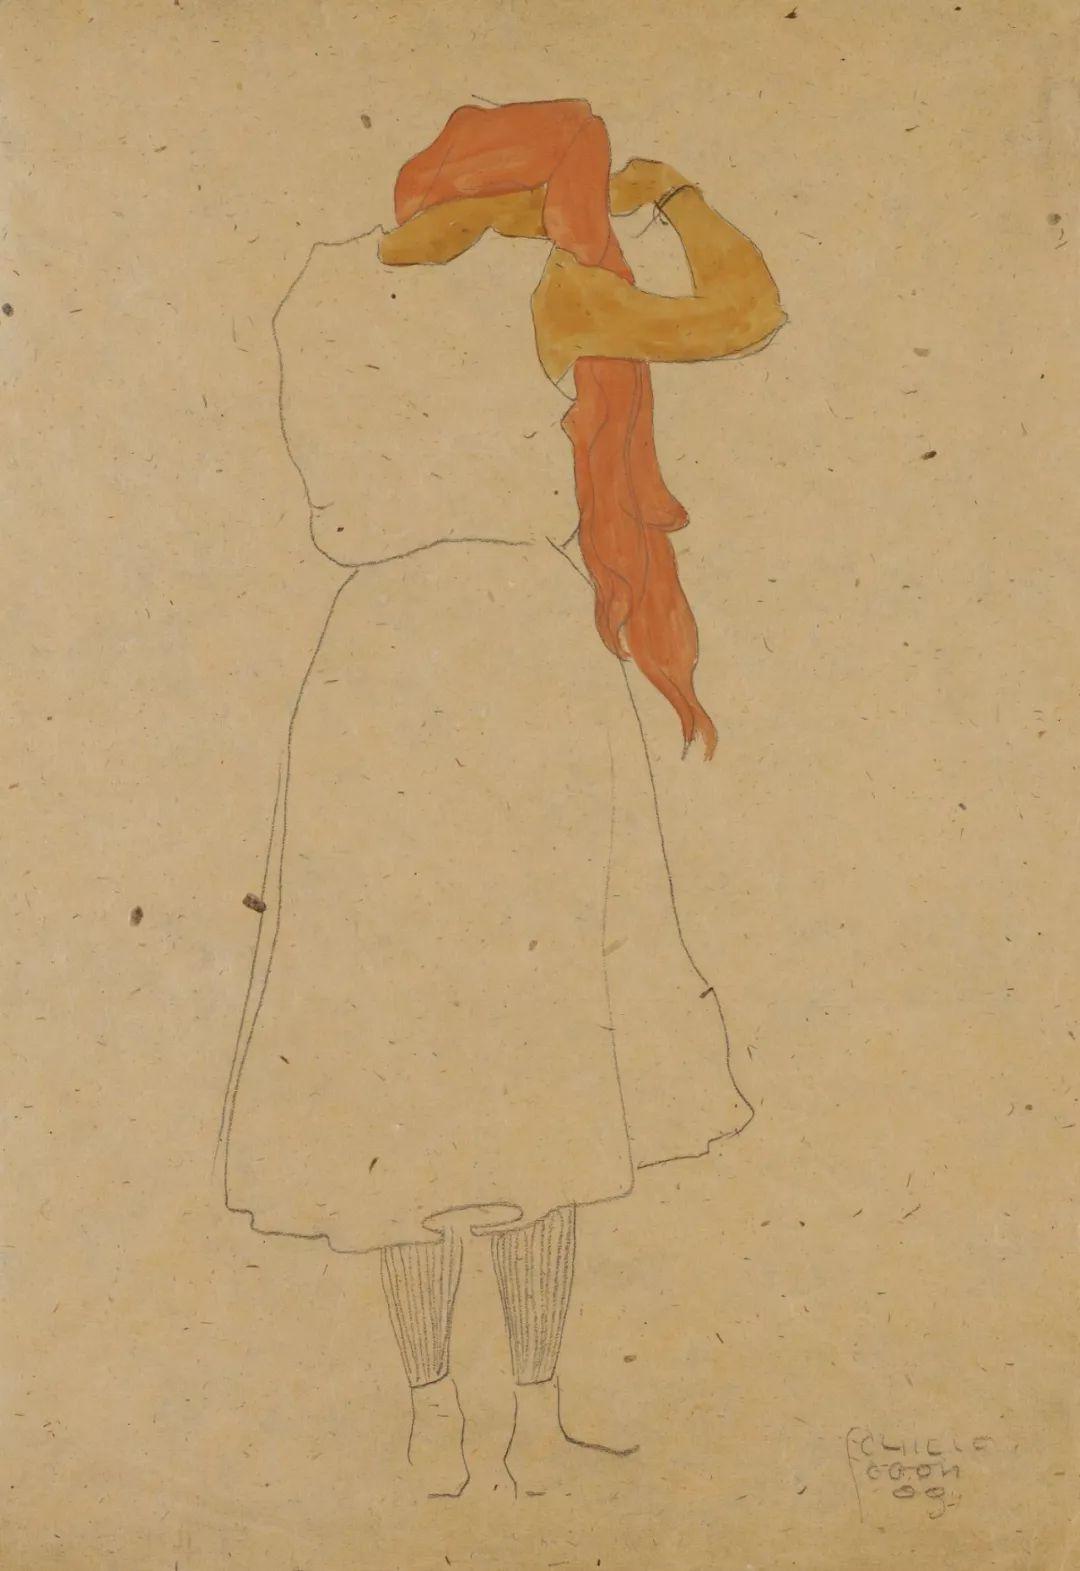 年仅28岁,生前遭受非议,死后却被捧为直逼心灵的艺术家插图73